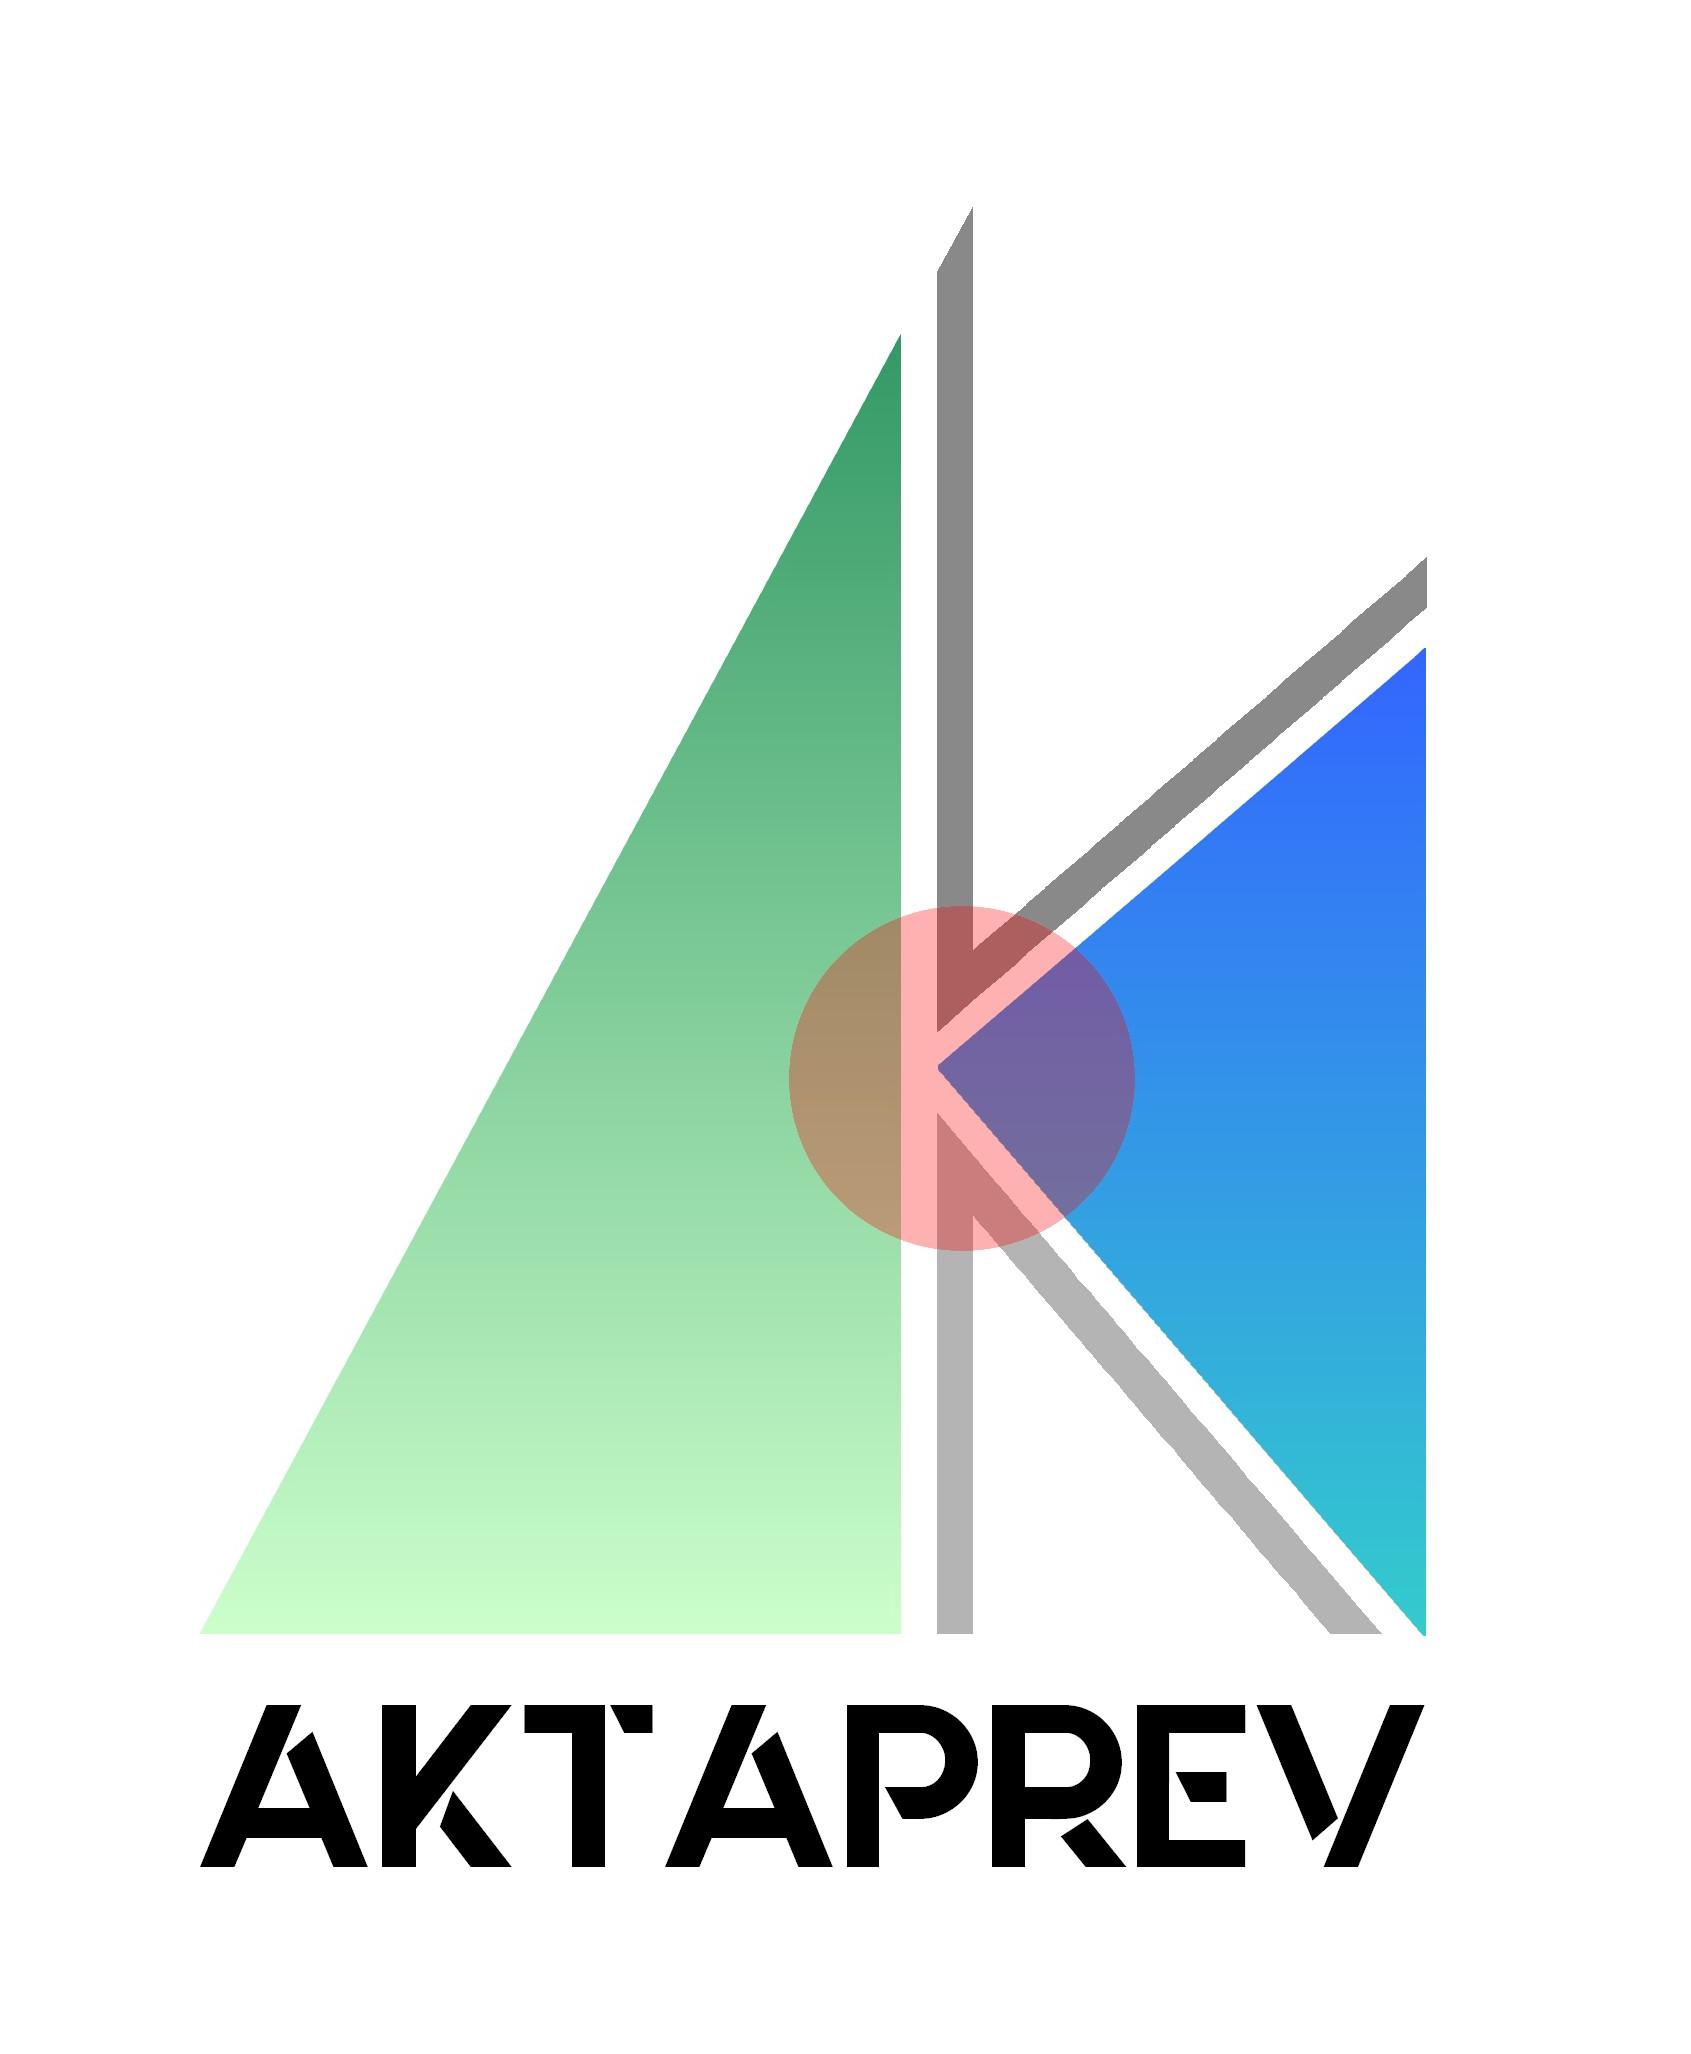 aktaprev